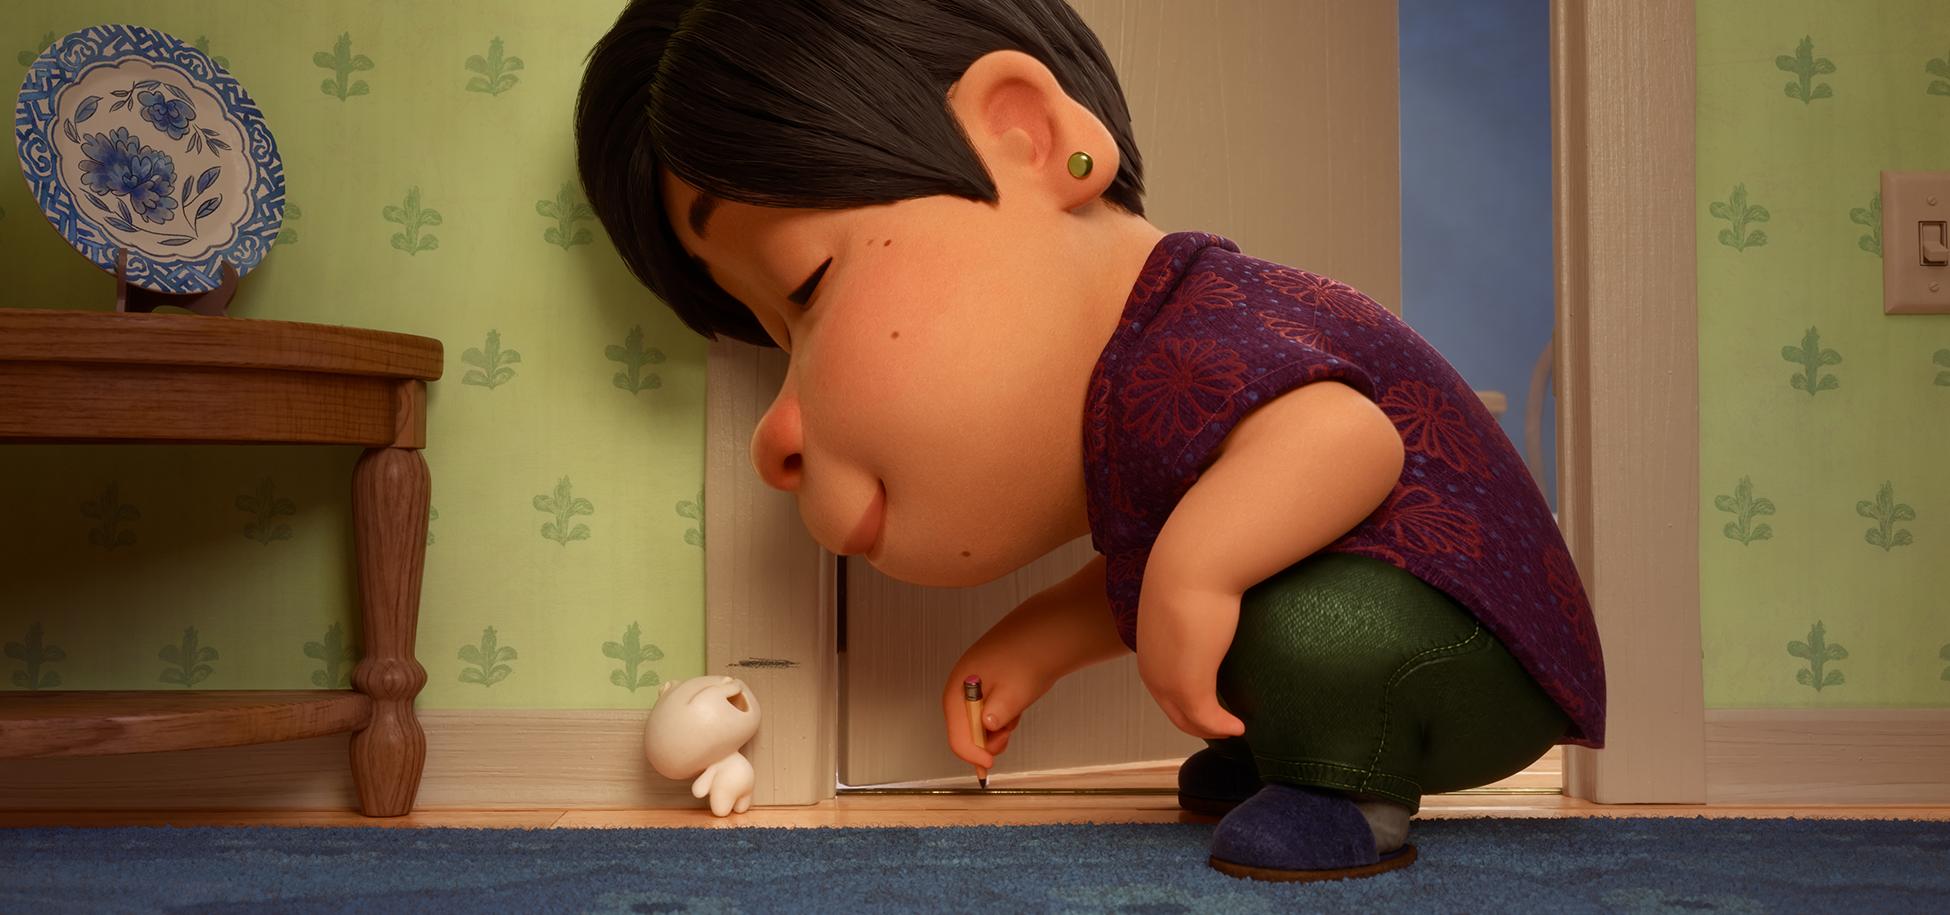 Critique – Bao, ou l'angoisse d'une mère vu par Pixar !